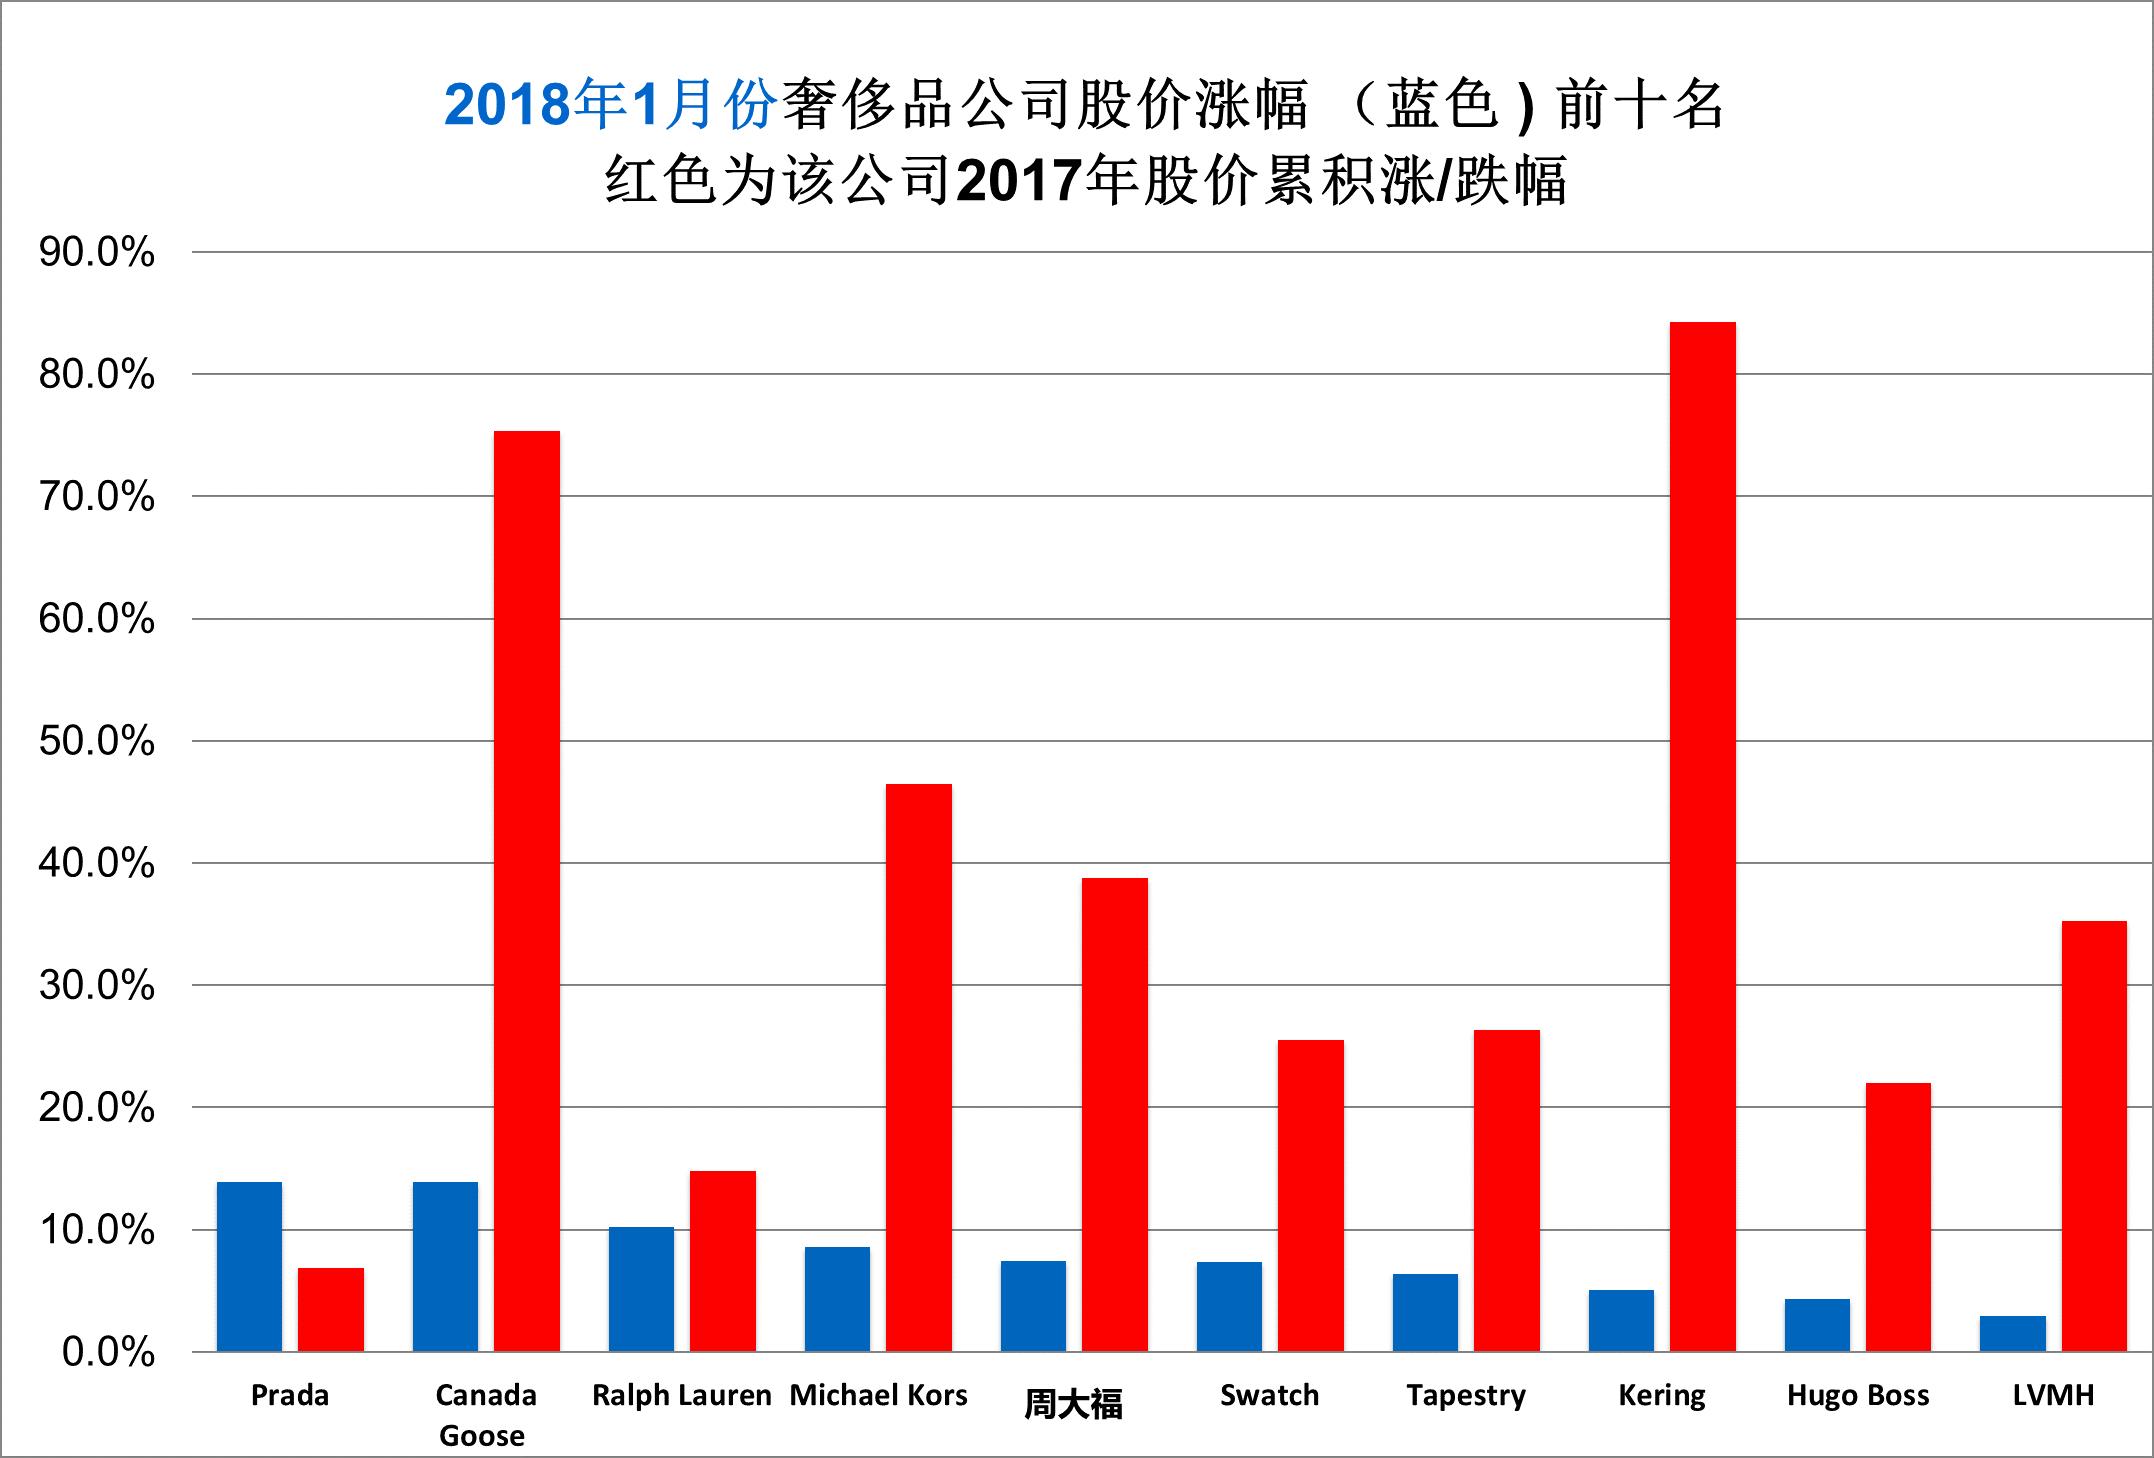 《华丽志》奢侈品股票月度排行榜(2018年1月)